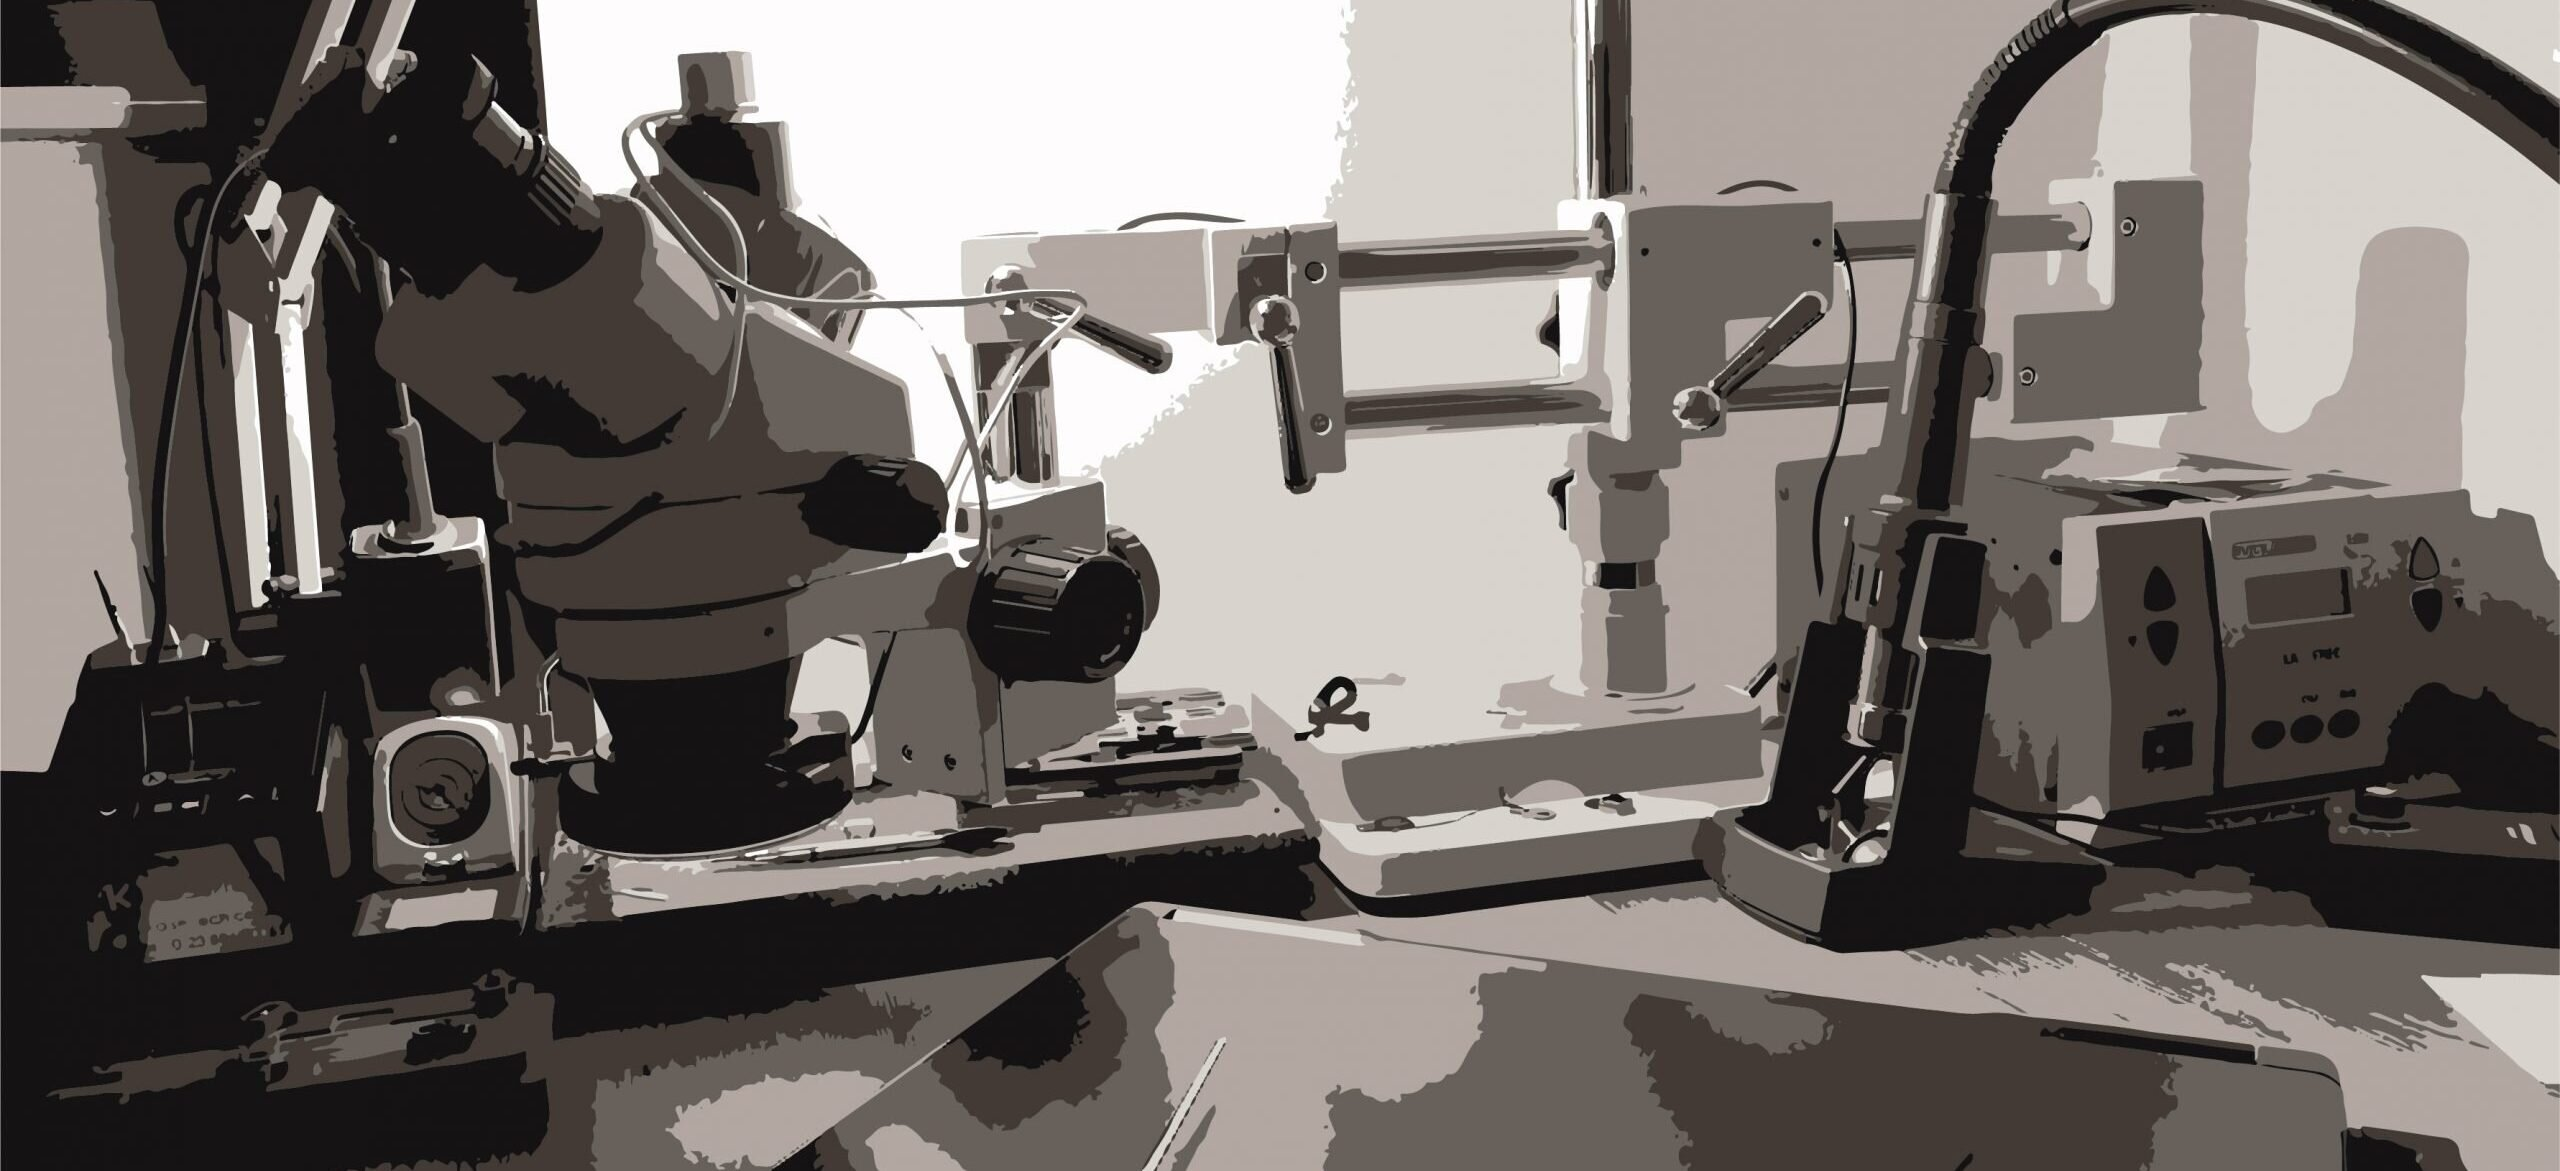 Serwis mikroskop MSI Hot Air